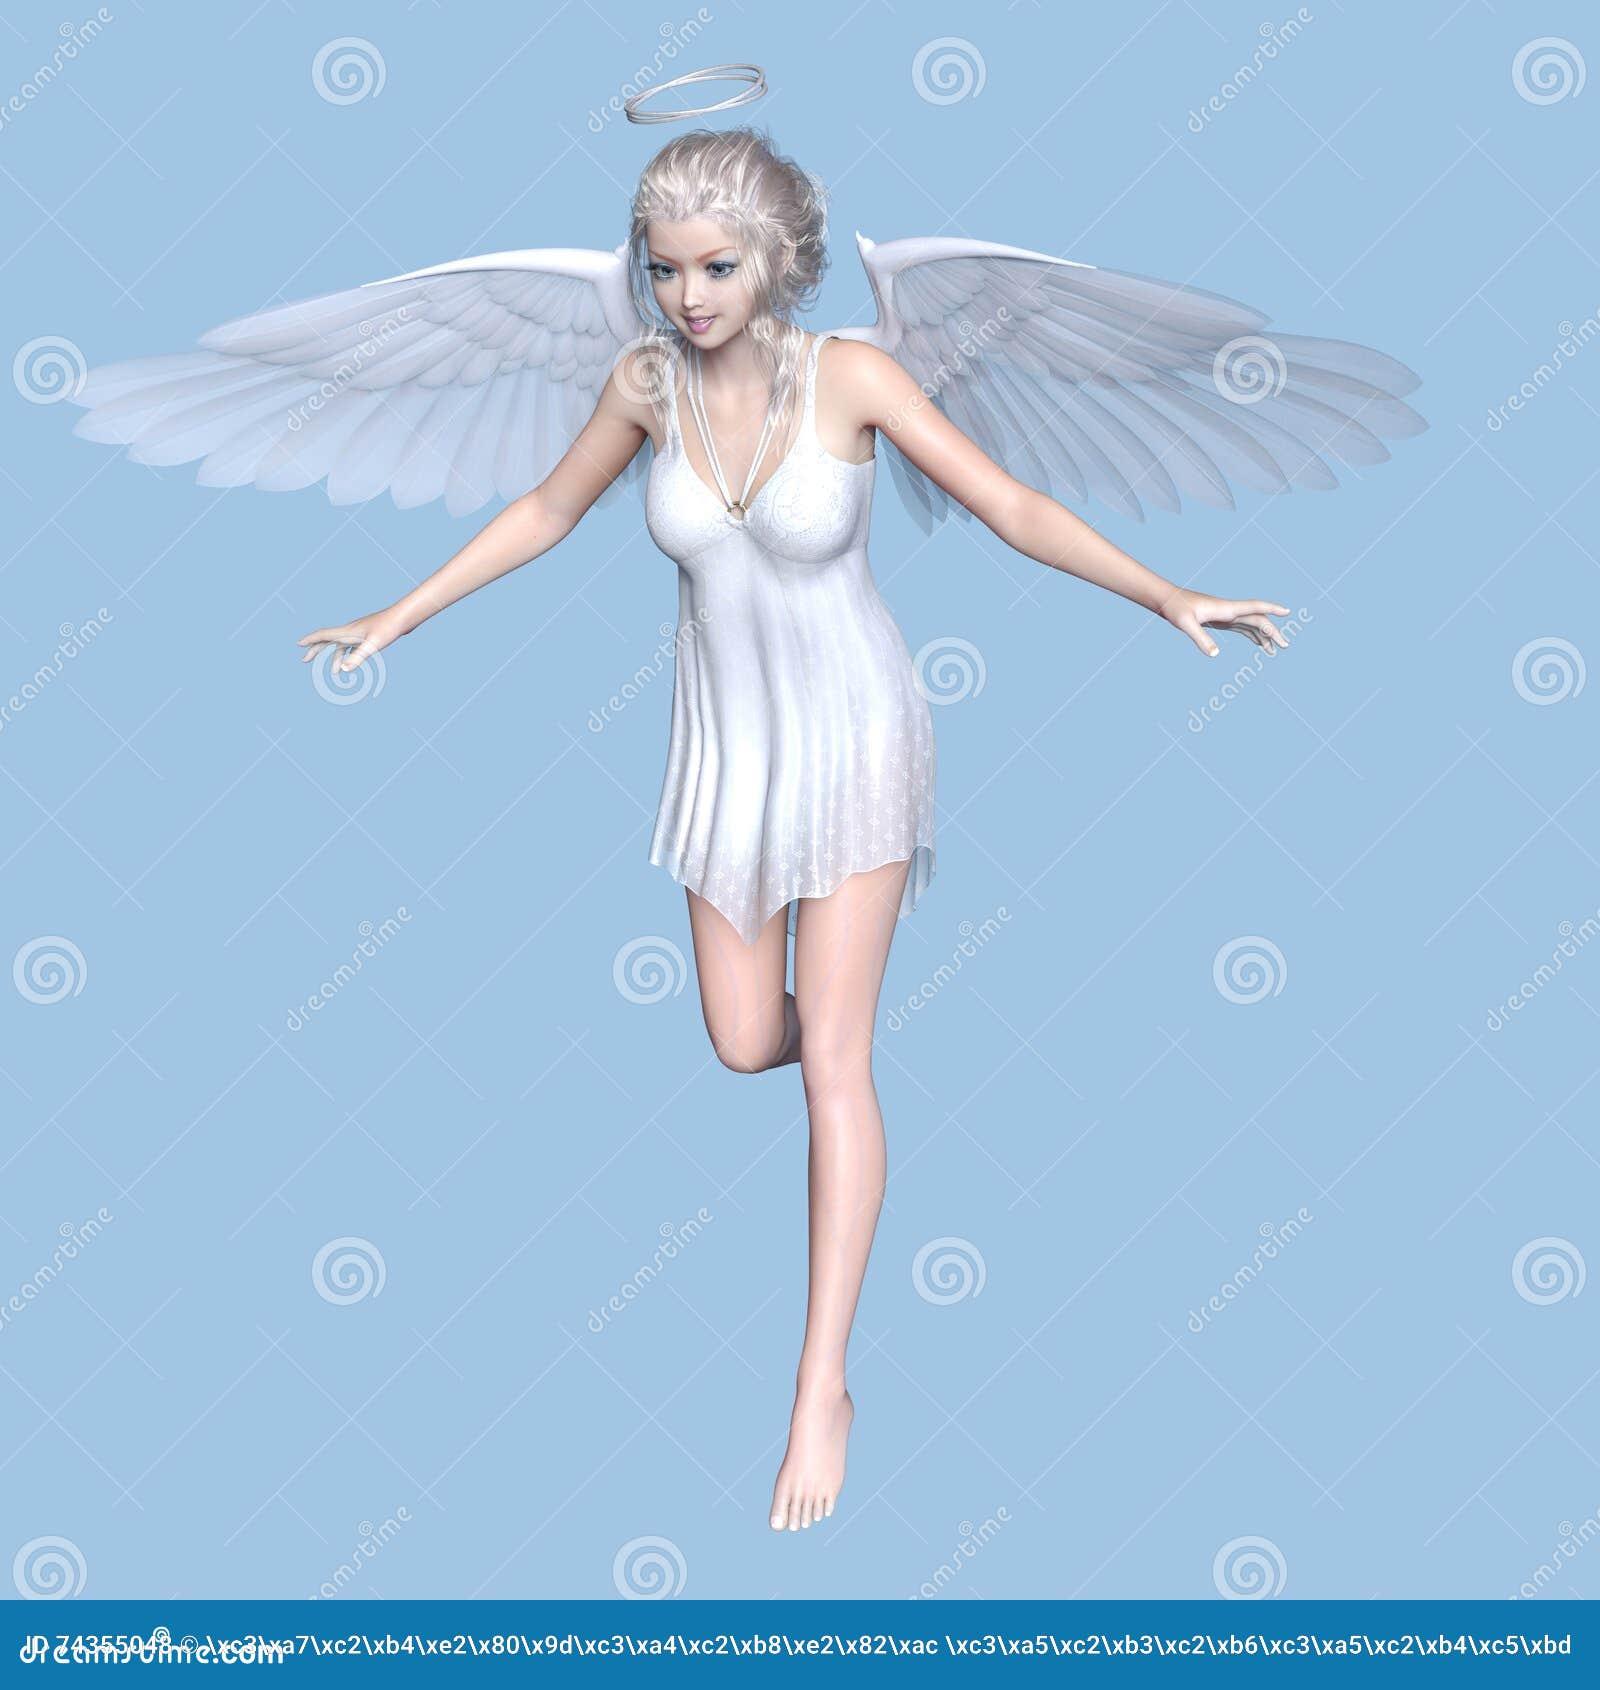 Engel Spiele